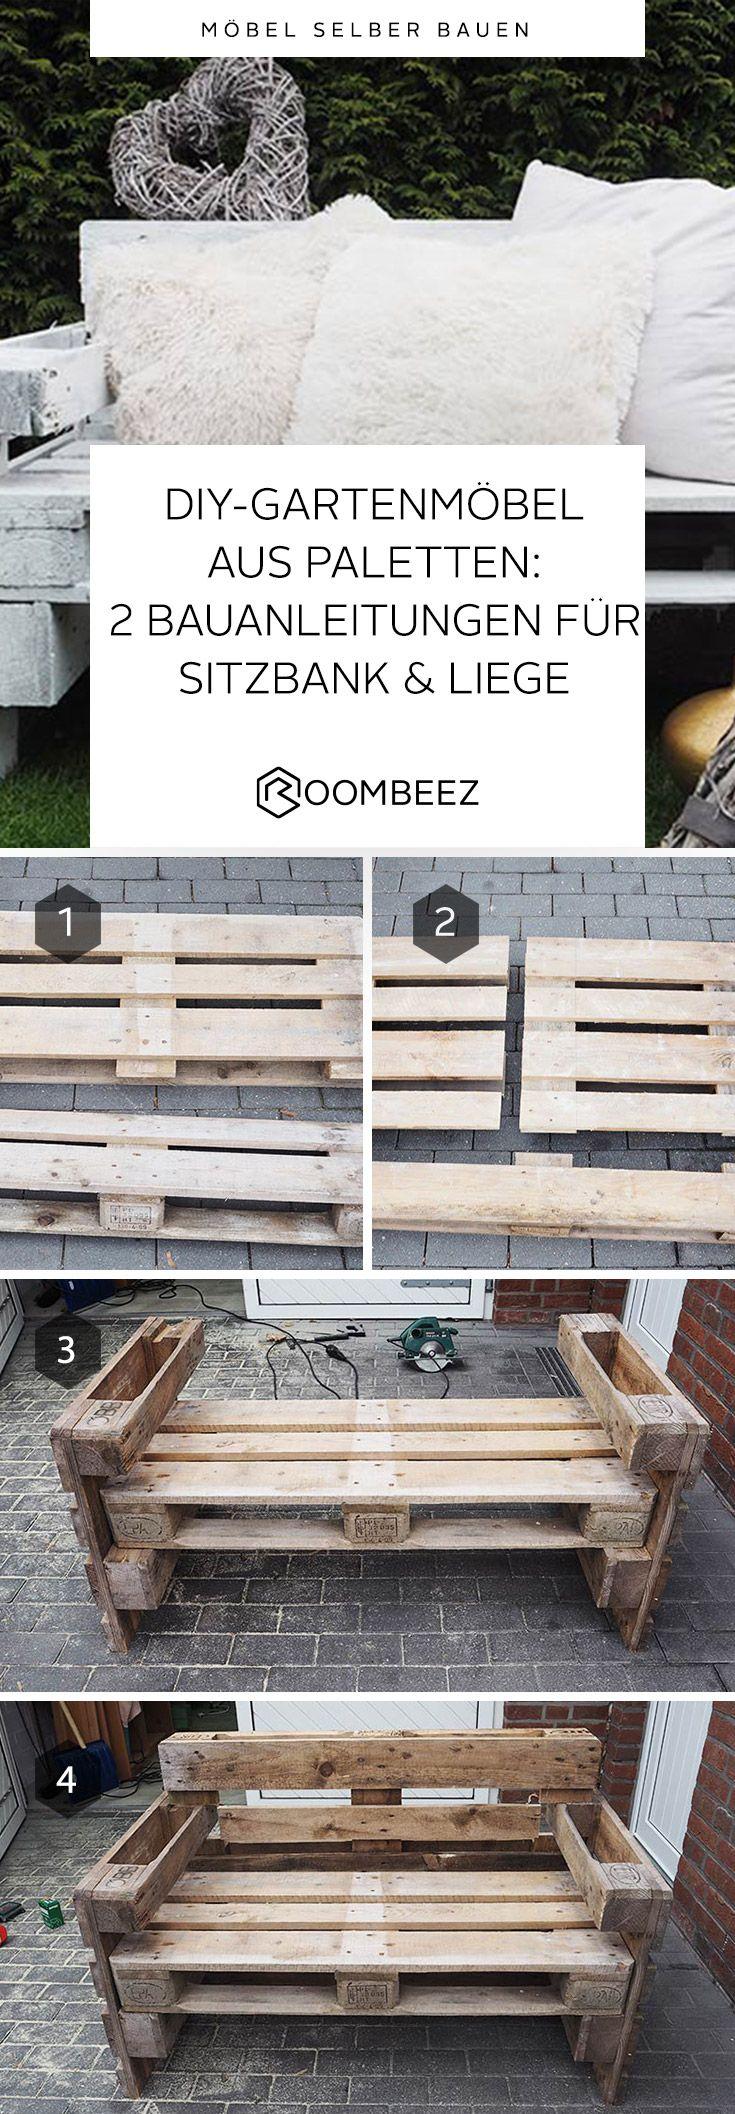 Gartenmöbel Aus Paletten Selber Bauen Otto Gartenmöbel Aus Paletten Paletten Ideen Garten Balkon Selber Bauen